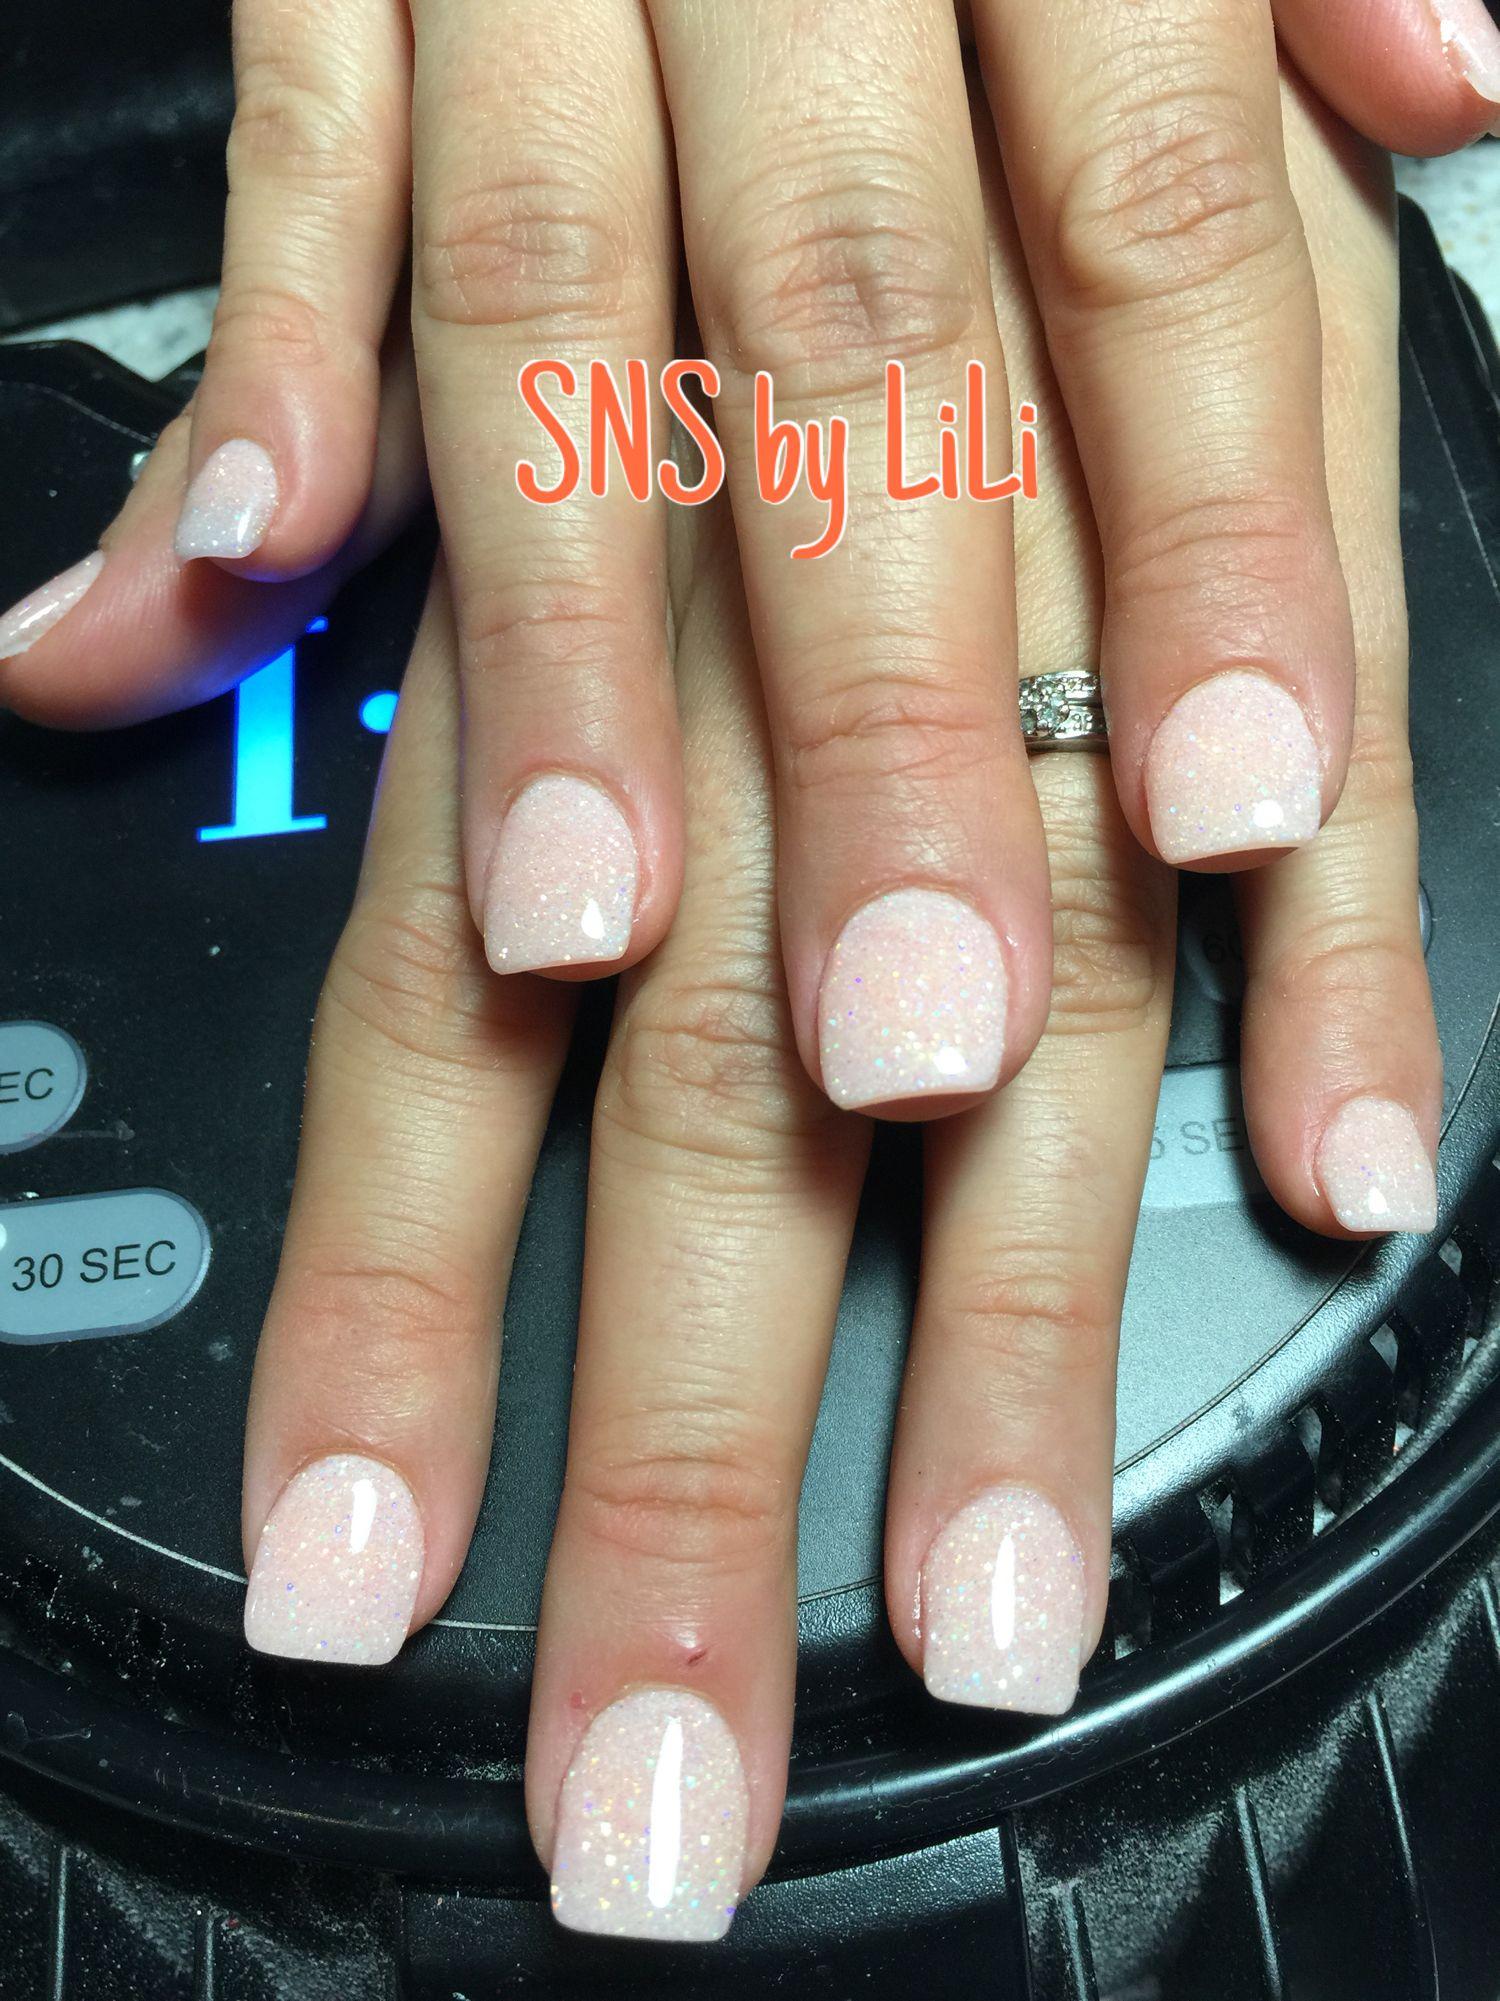 SNS nails (dipping powder) by LiLi ! | Nails | Pinterest